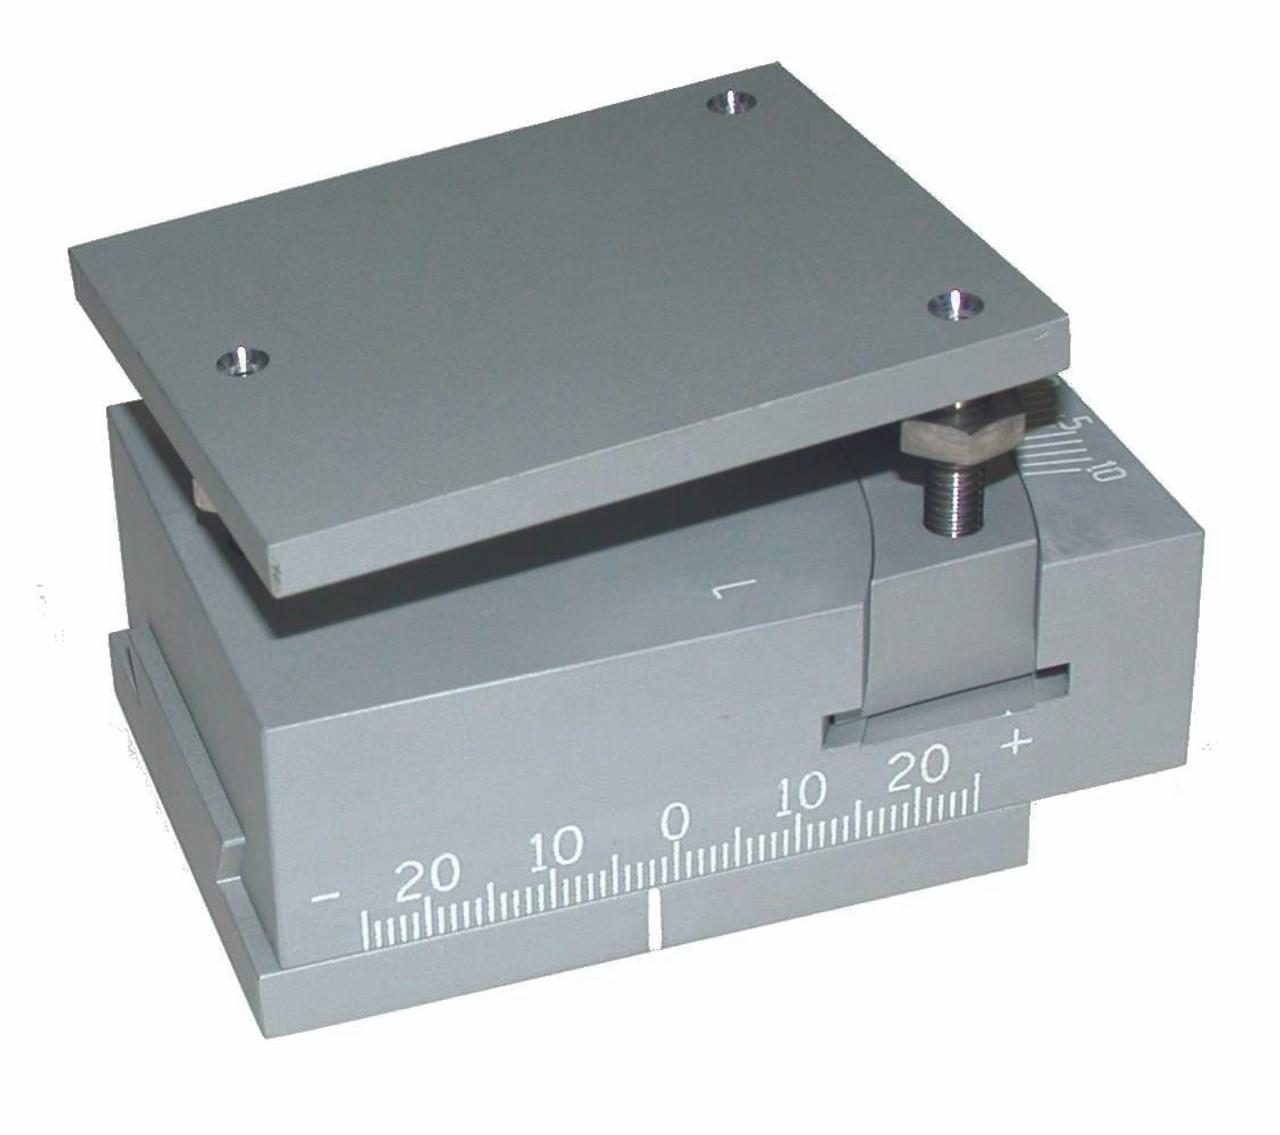 Poly Set - Data Transfer Device